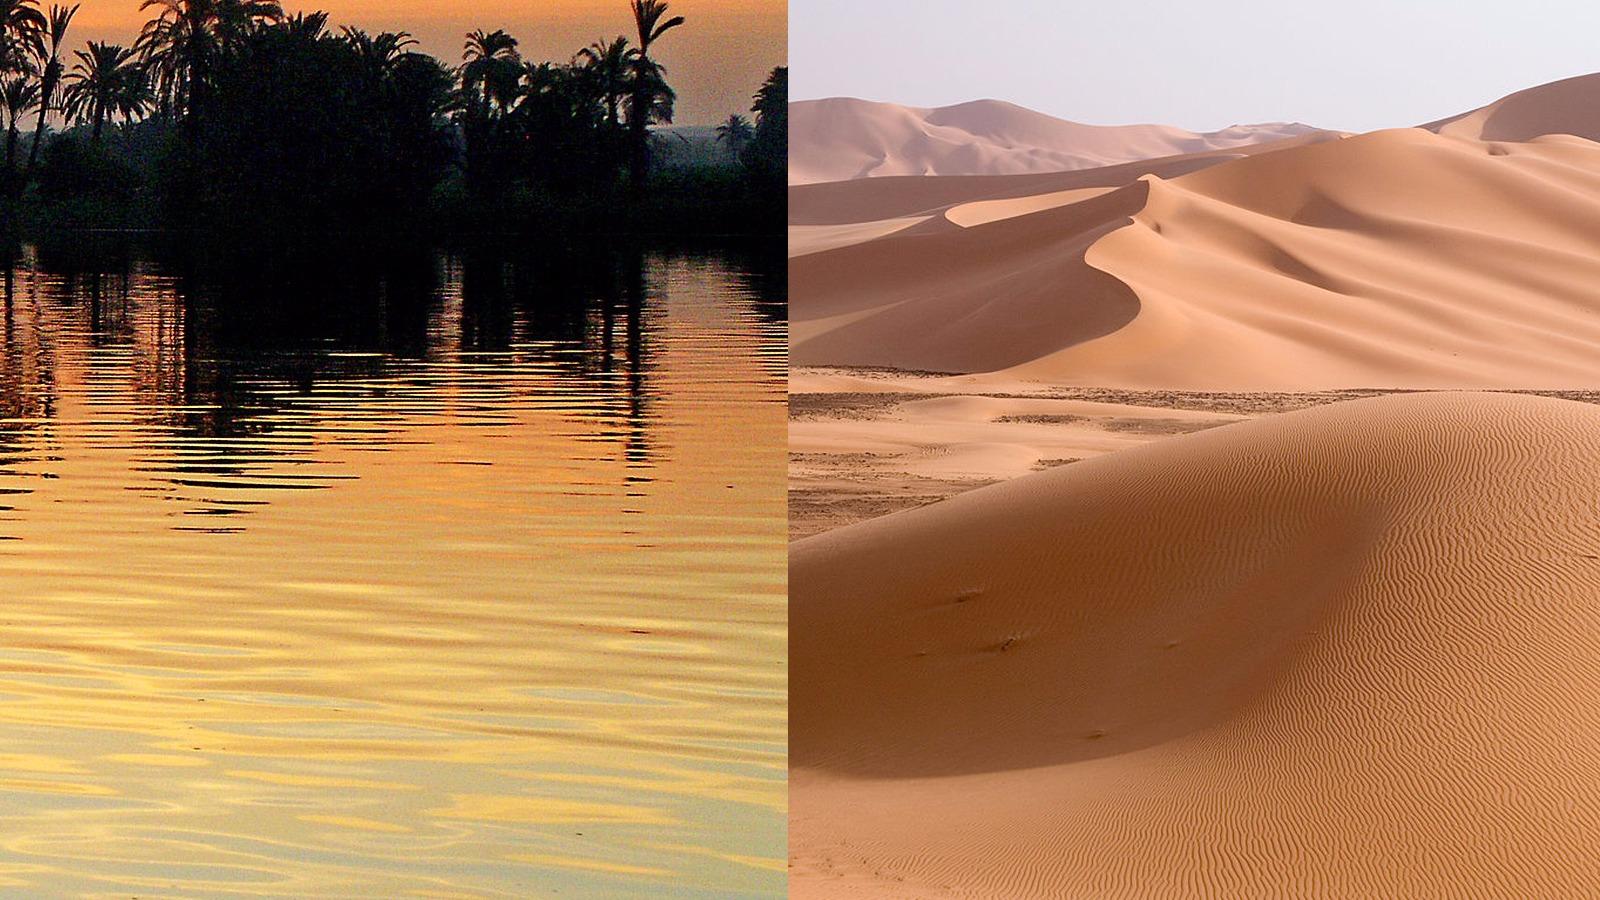 Classificações das peles neutras - Nilo e Saara